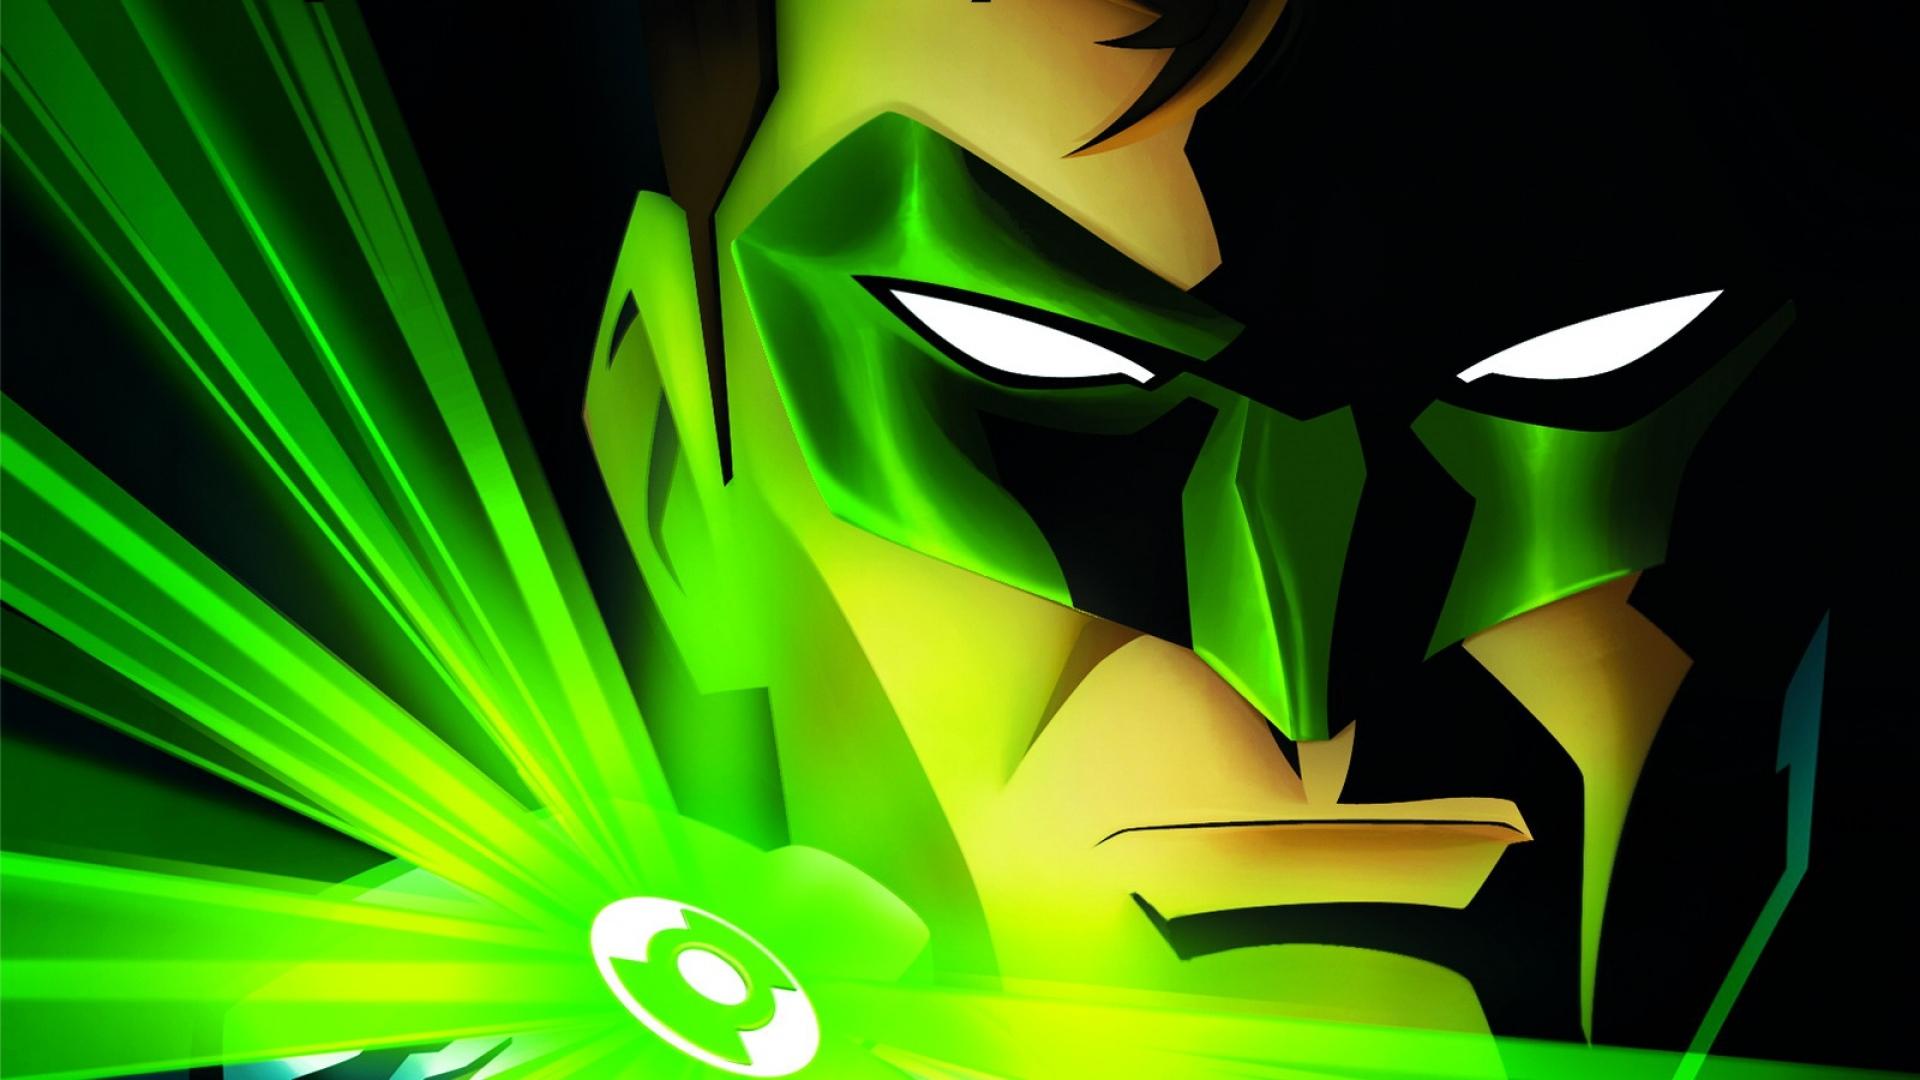 green-lantern-dc-comics-wide.jpg